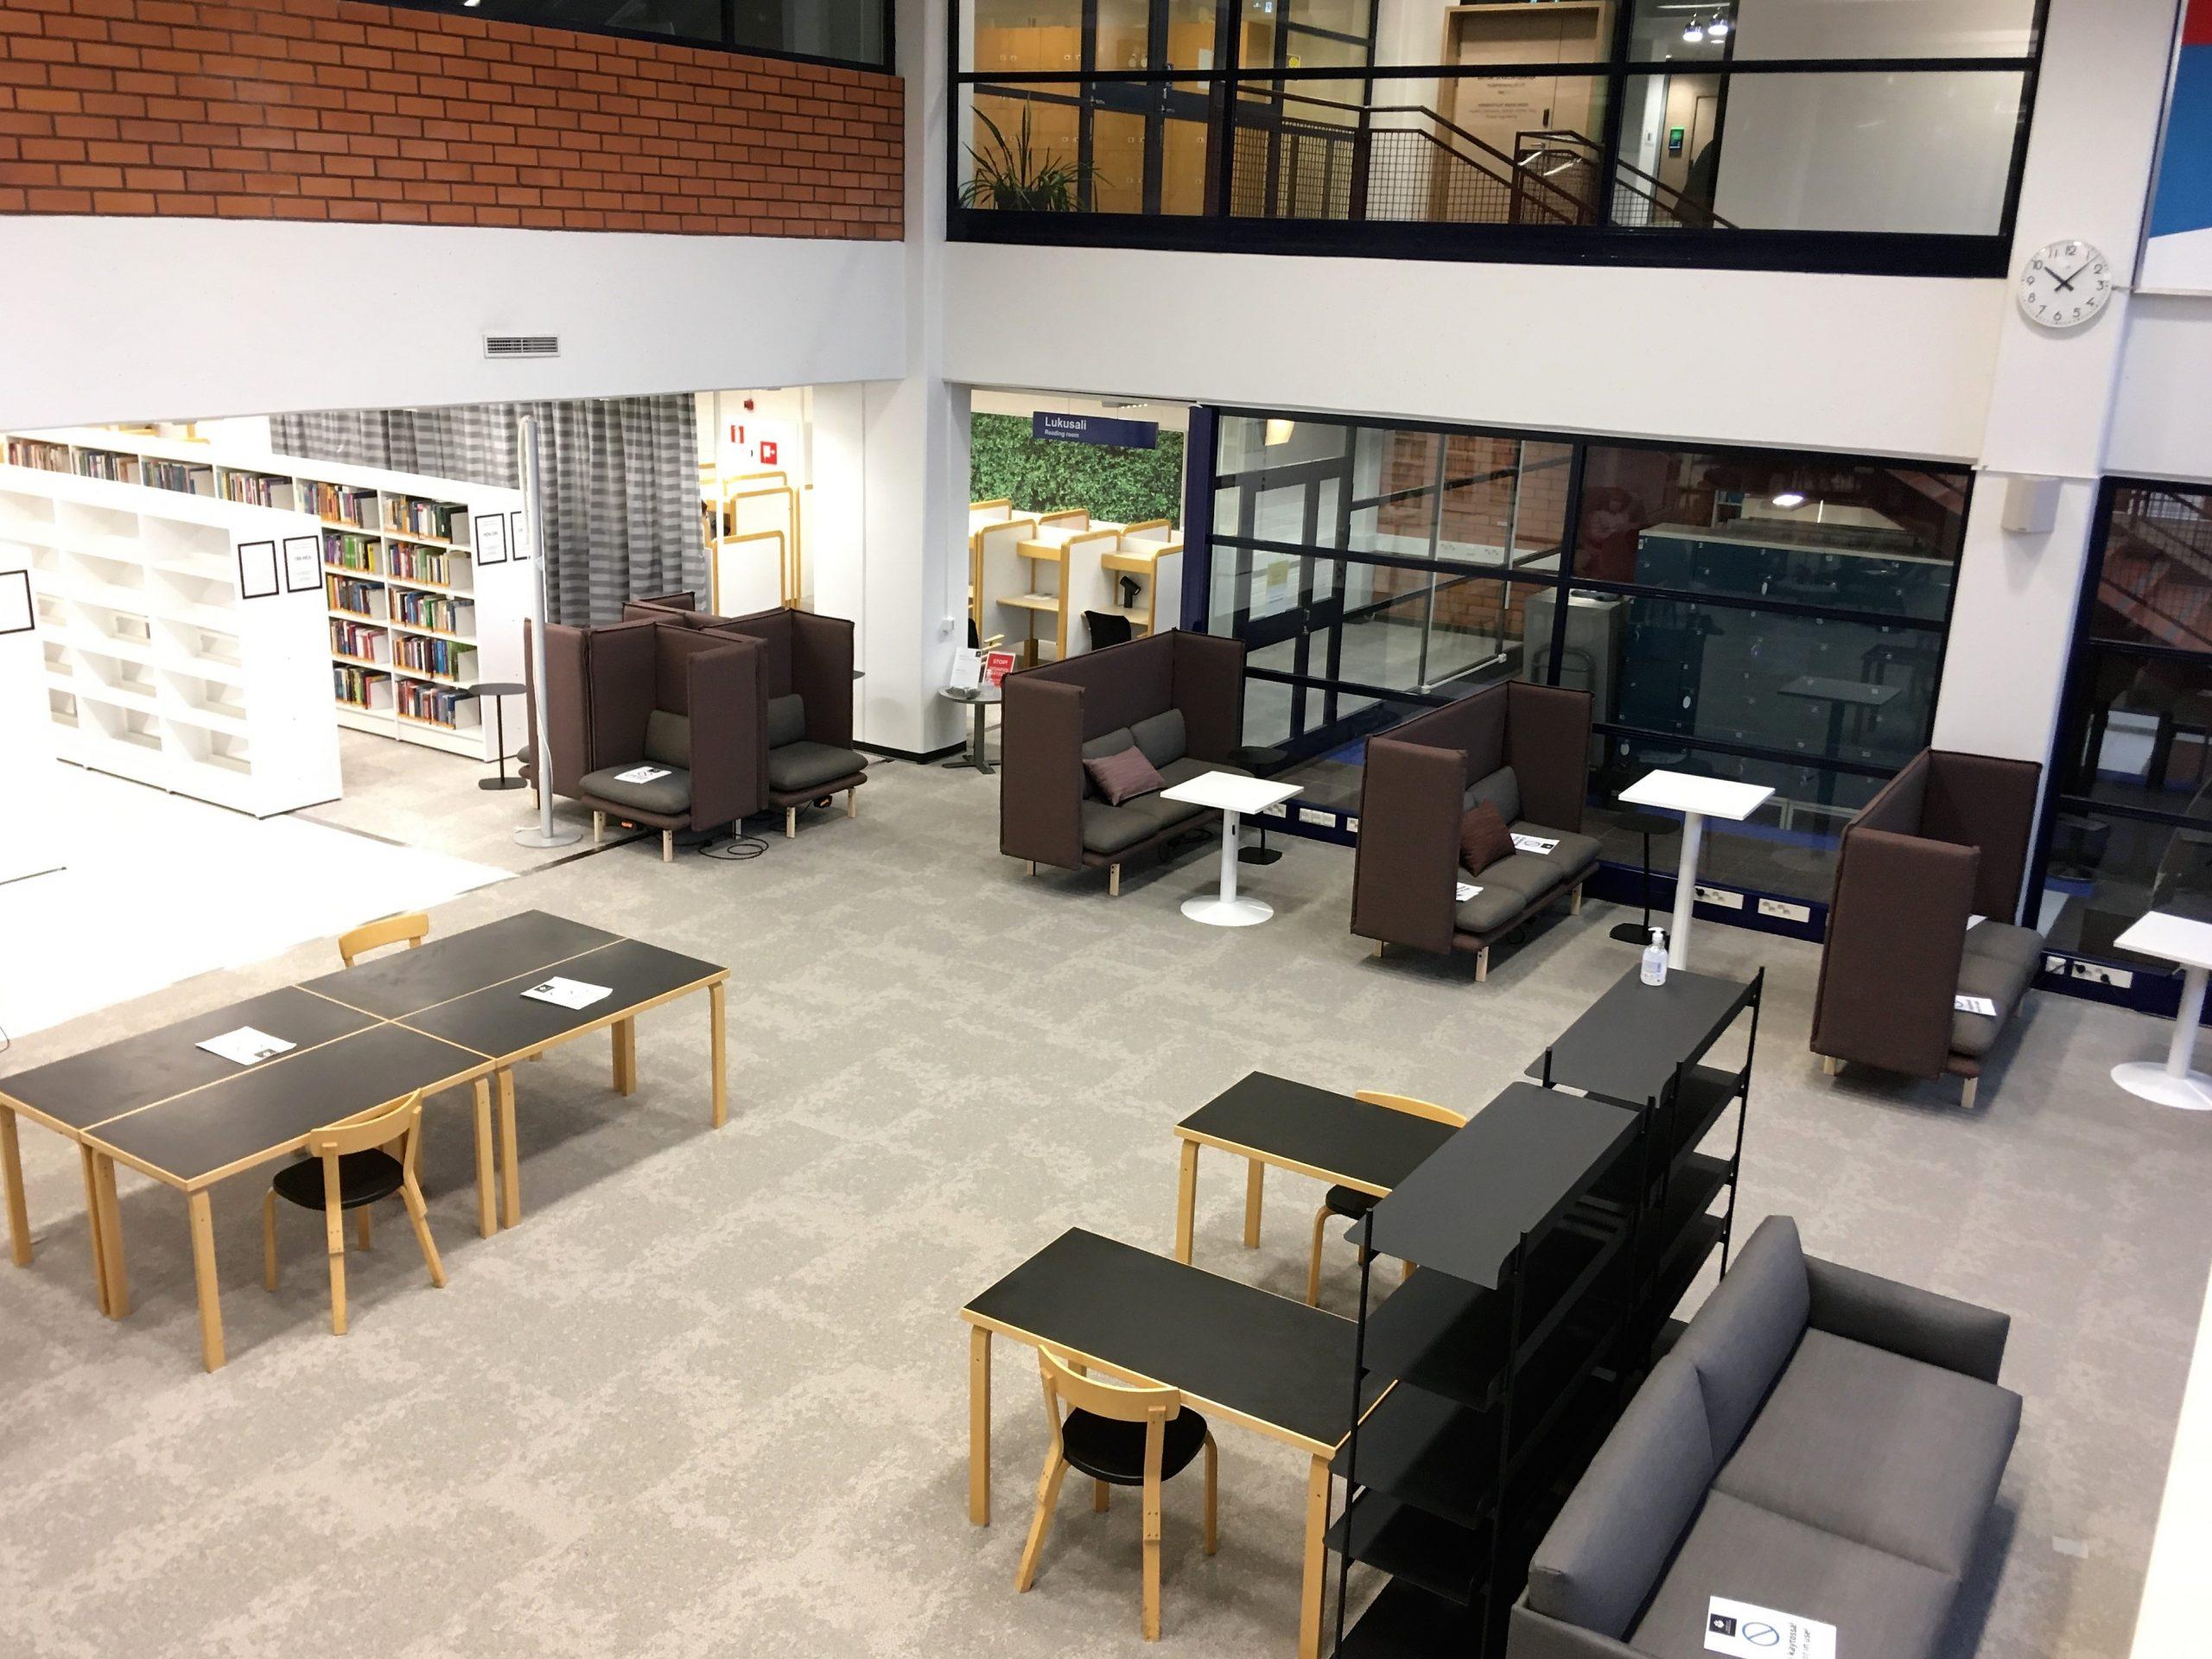 Hyllyjä, pöytiä, tuoleja kirjastossa.